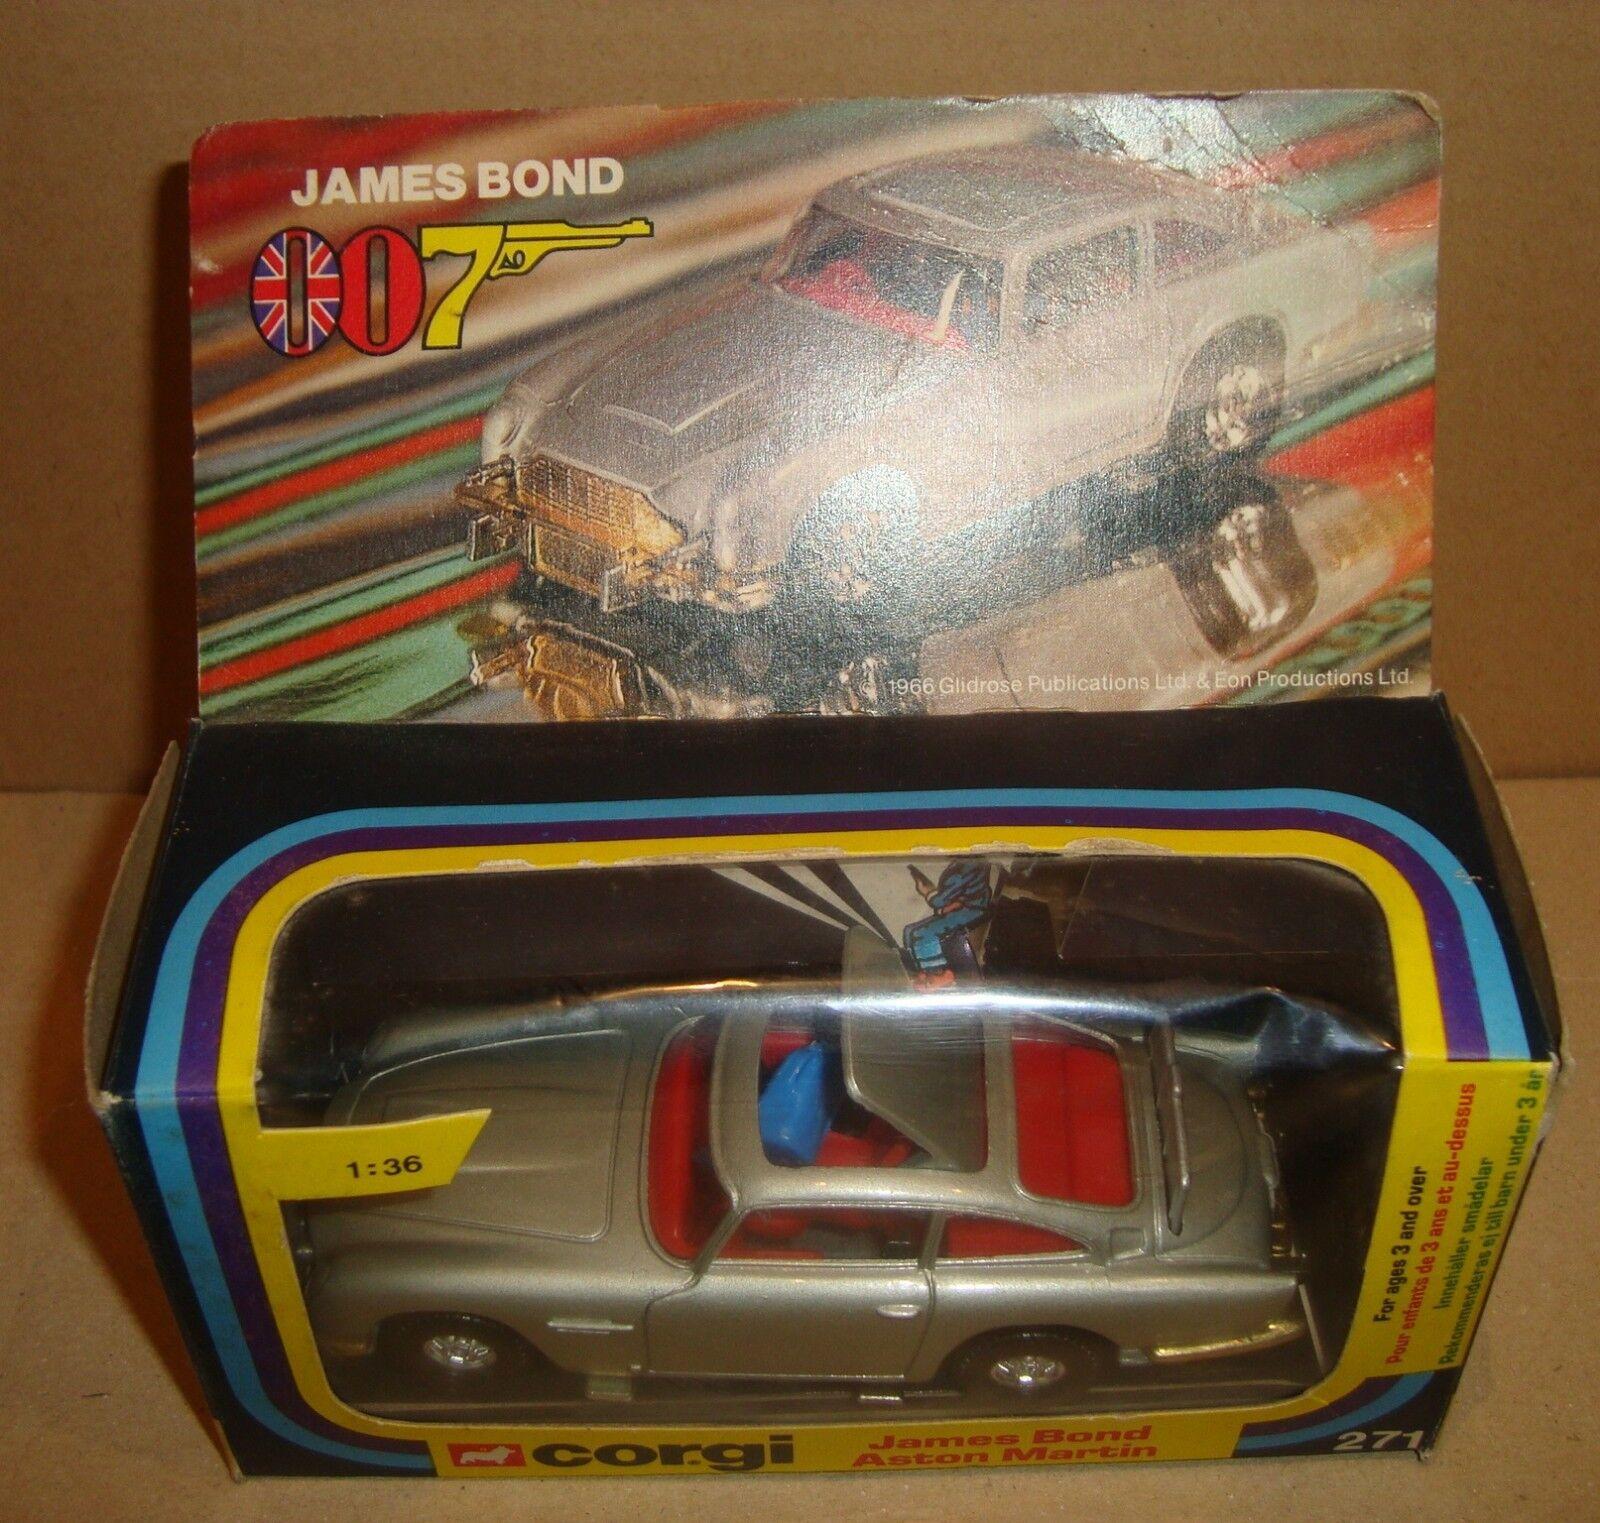 CORGI 271 JAMES BOND 007 ASTON MARTIN SCALE 1 36 METTOY UK 1977